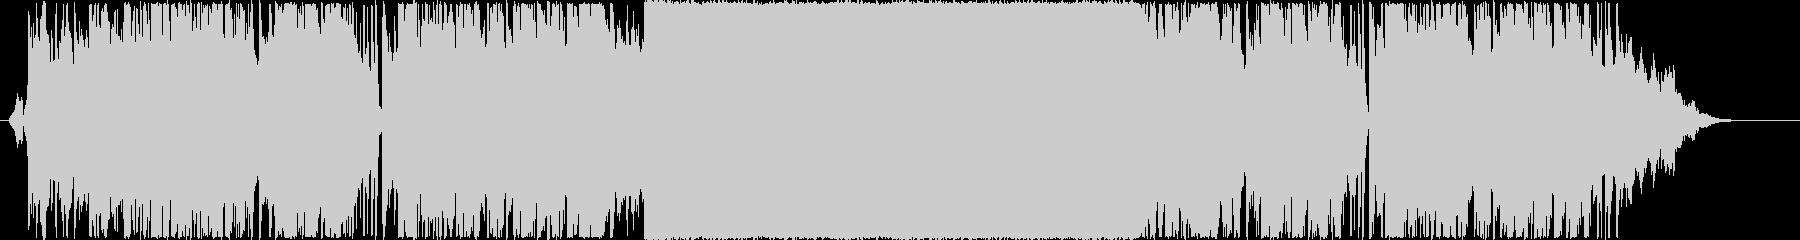 エンディング映像向きボコーダーエレクトロの未再生の波形